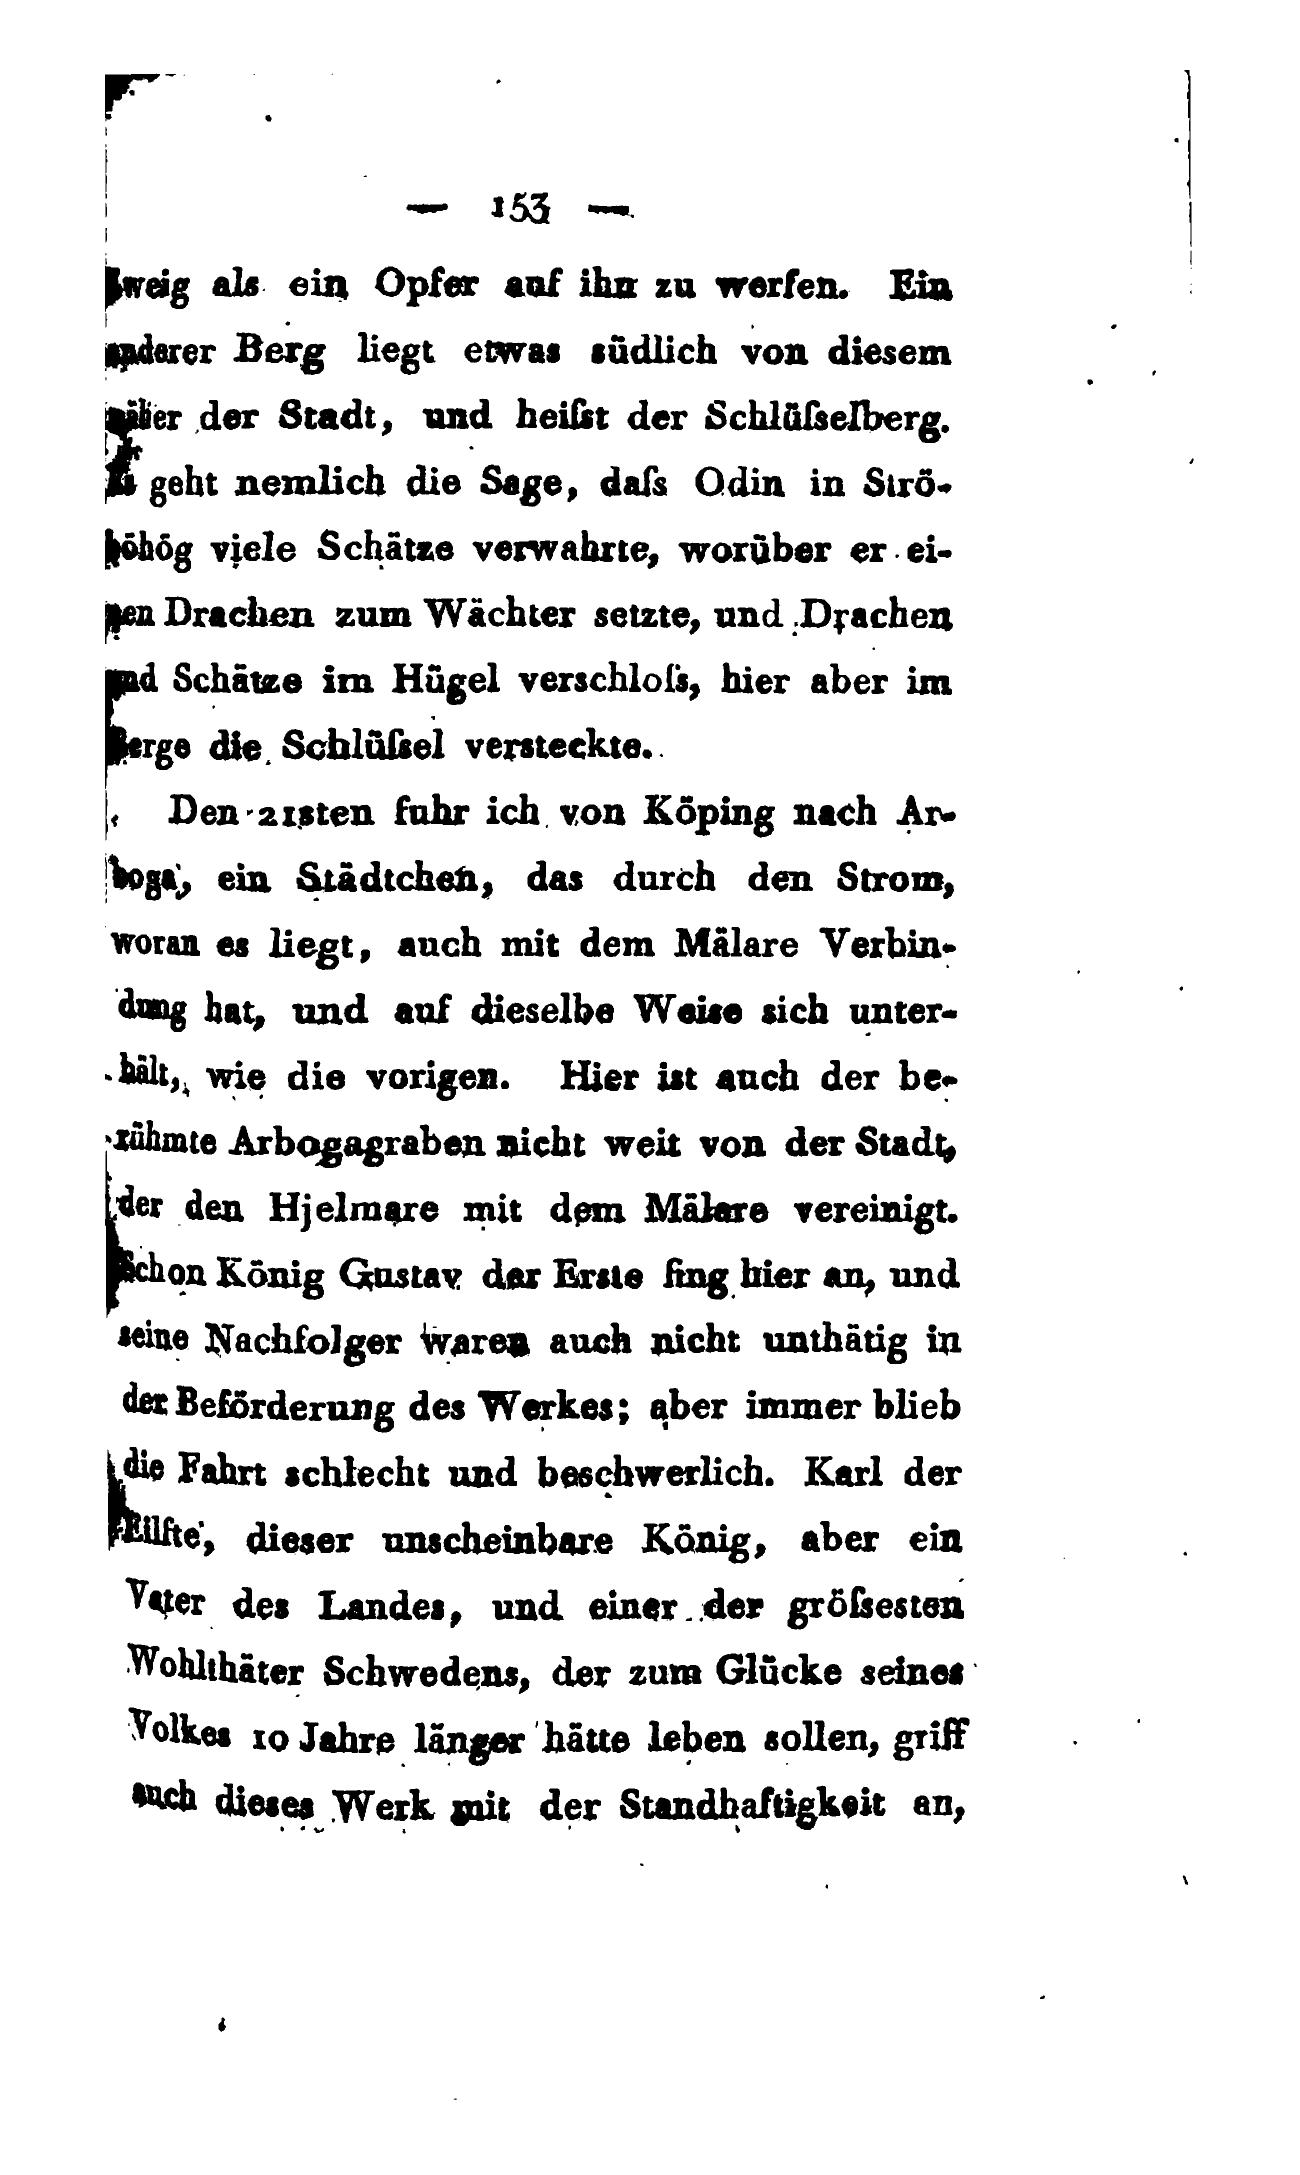 File:De Reise durch Schweden (Arndt) 161.jpg - Wikimedia Commons